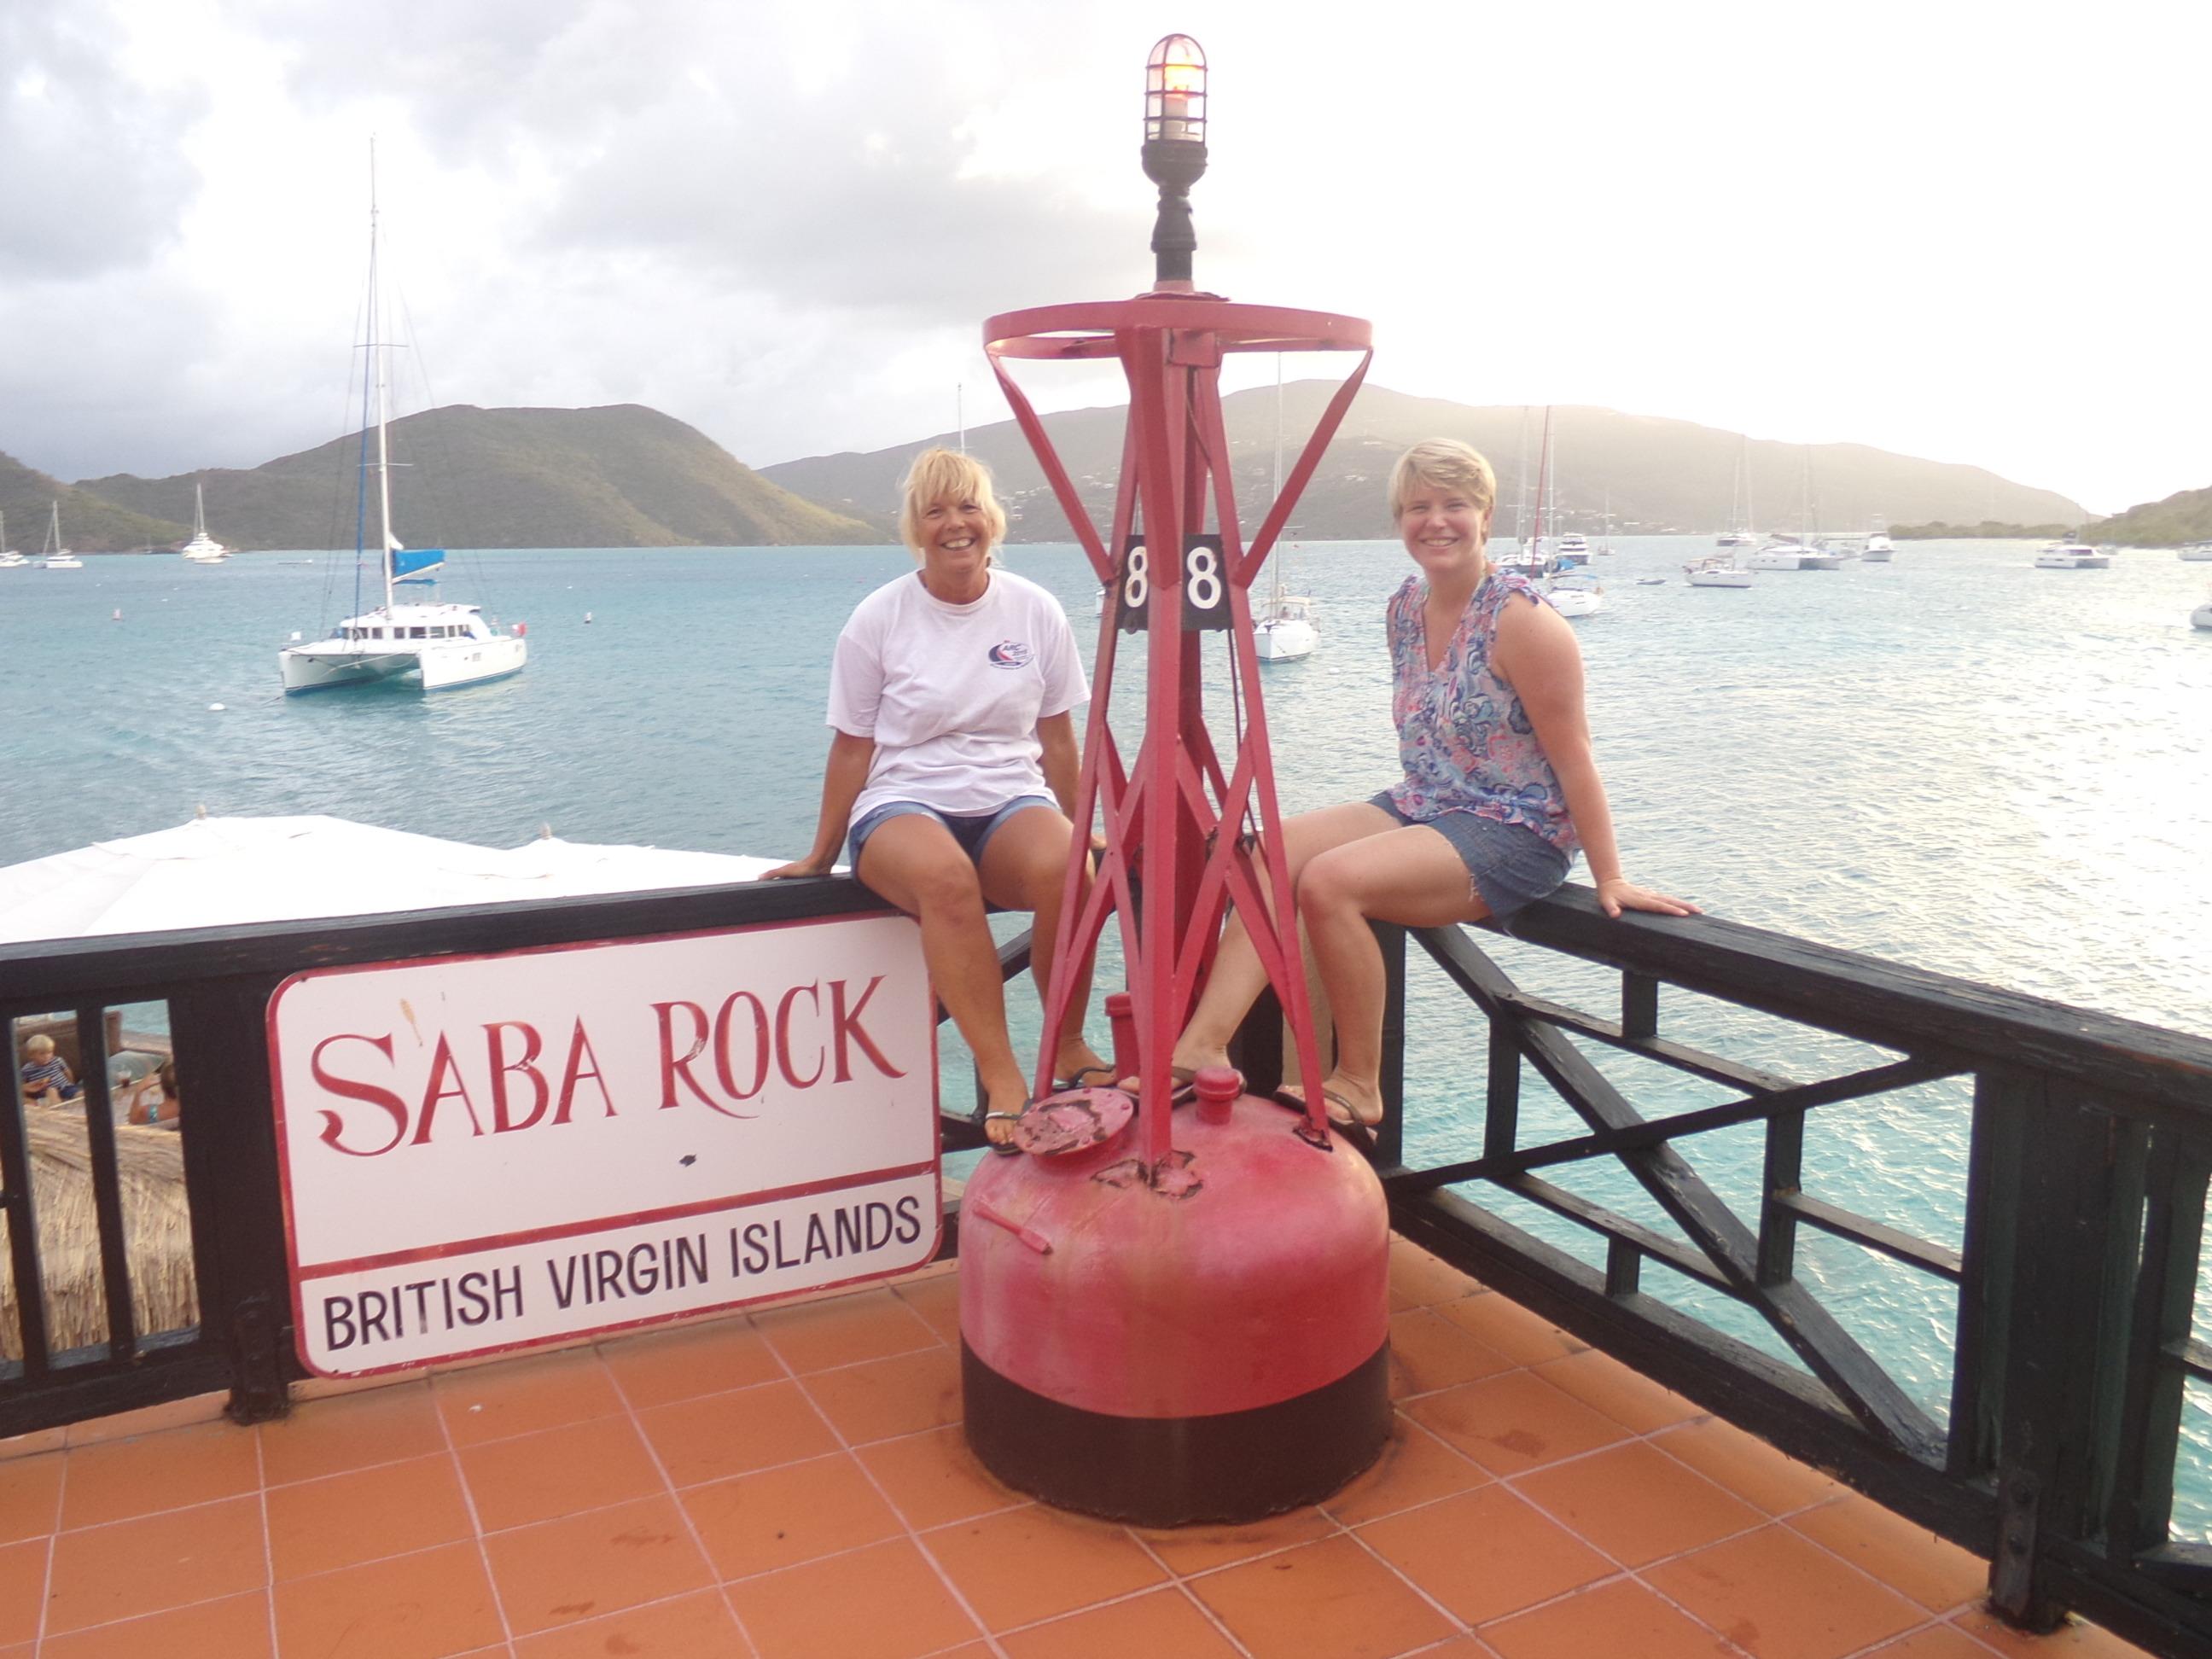 Saba Rock Buoy